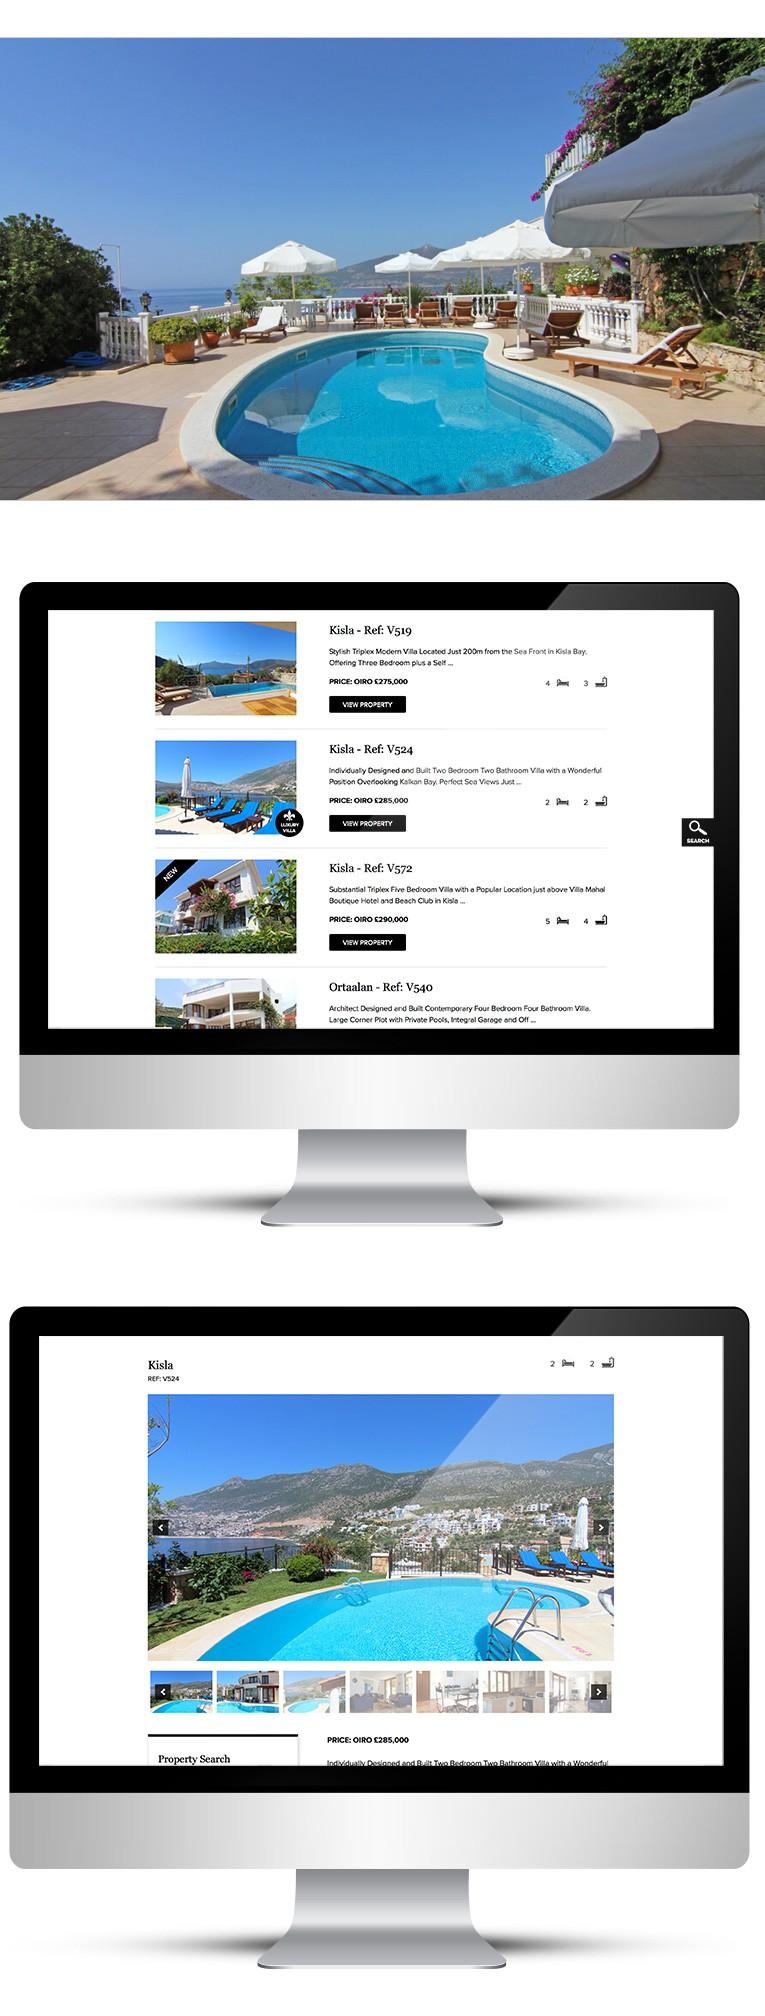 Desktop view of webdesign for Black Lion